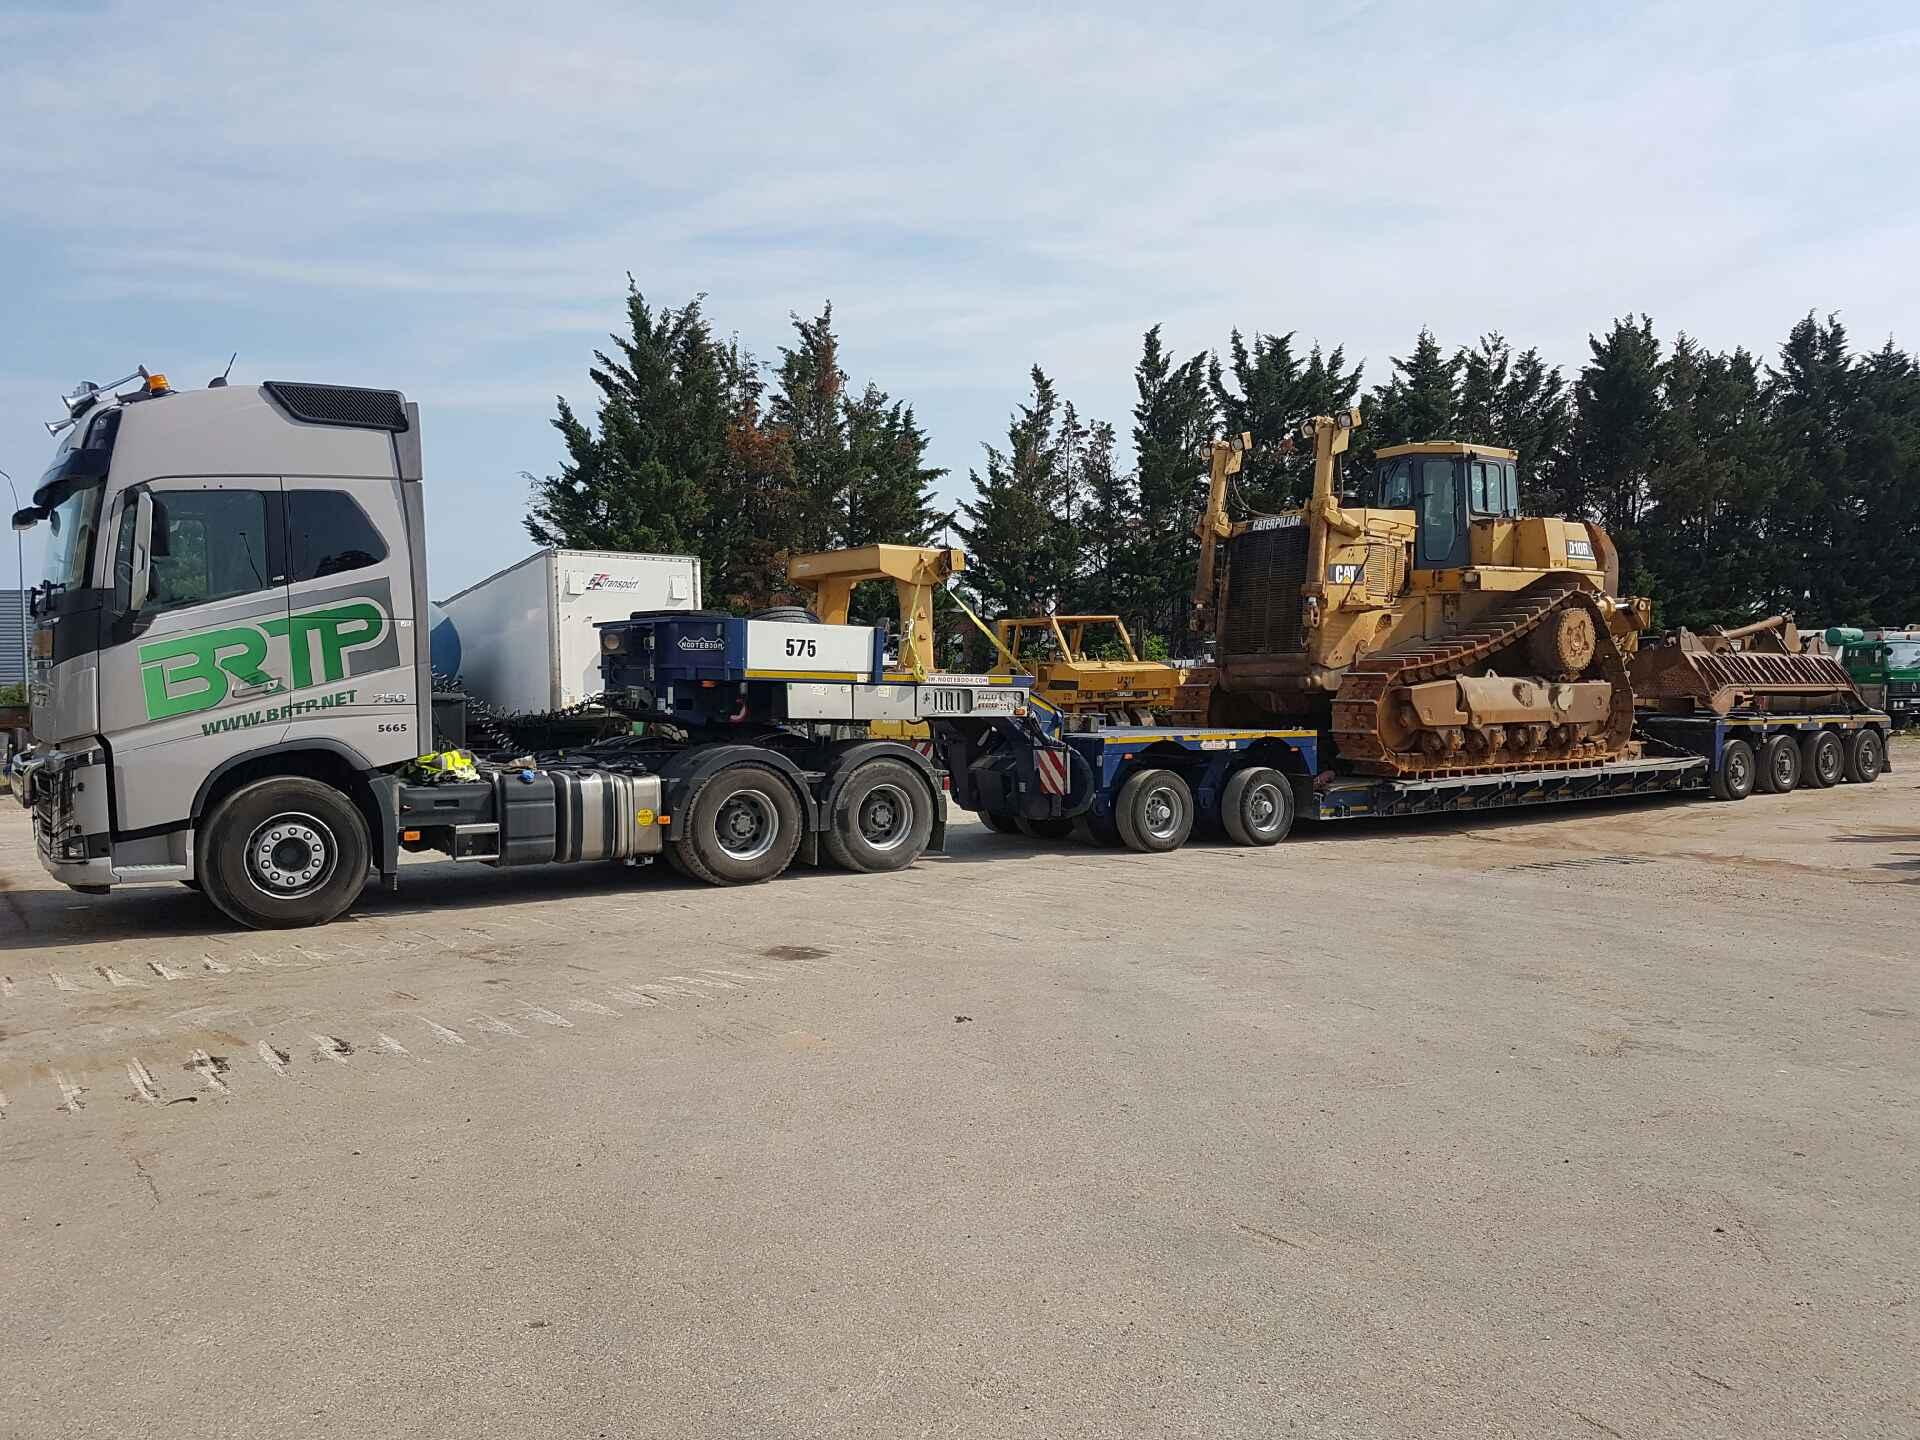 Transport exceptionnel d un bulldozer cat d10 en rh ne alpes brtp - Location camion grenoble ...